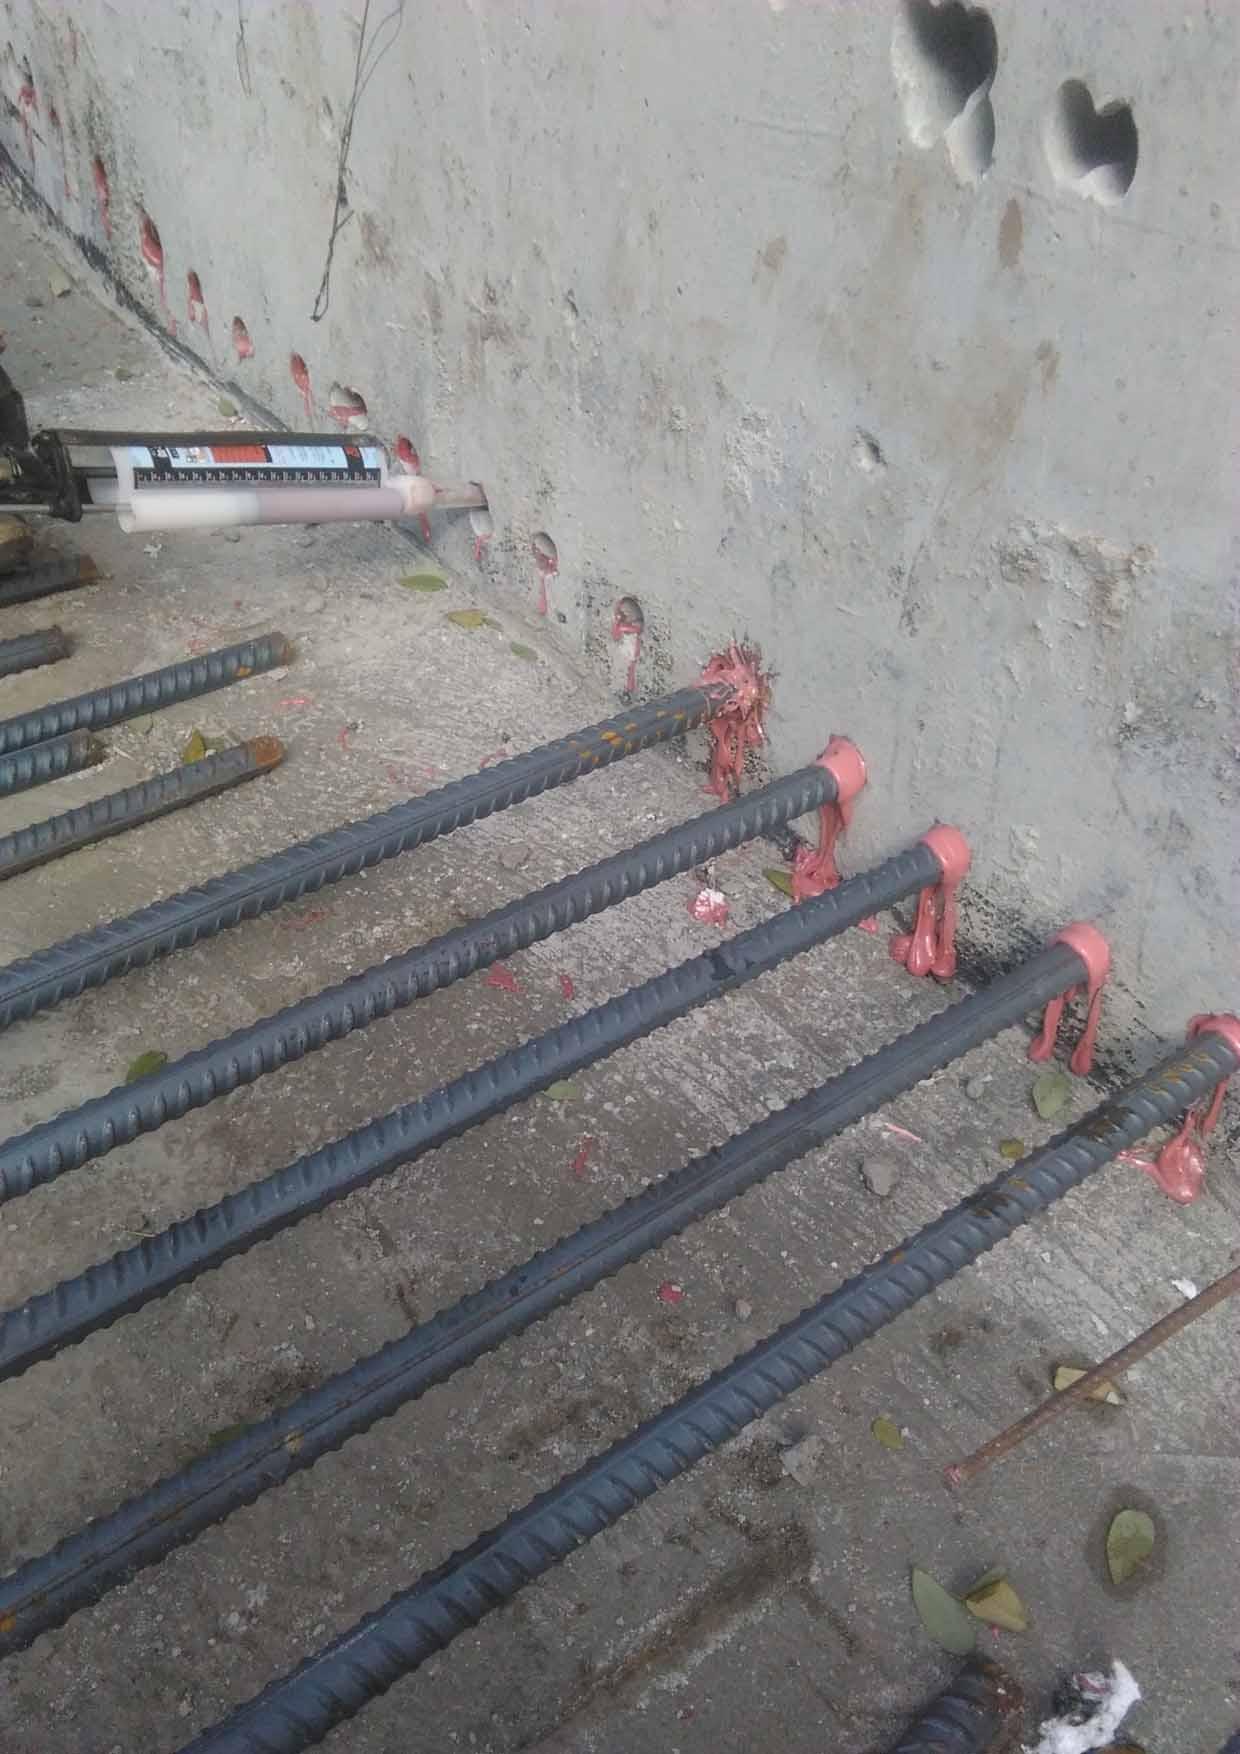 (4)粘碳纤维加固:是采用配套粘接材料,将碳纤维材料粘贴到混凝土构件表面上的一种加固方法。特点:其特点是不增加结构外形尺寸和荷重,能增强构件耐弯曲能力,提高构件的耐剪切能力,延长使用寿命,增加载荷、修补裂缝。 适用范围: 适用于梁板抗弯承载力加固;柱的承载力加固,结构抗震加固;桥梁的桥板、桥墩的加固;池壁仓壁加固;海事结构的防腐;砖、木结构的加固。 质量与方针: 工程质量是企业的生命,也是我公司发展的前途和信誉。所以我公司提出追求质量卓越 信守合同承诺 保持过程控制 交付满意工程。 联系人:冀先生 公